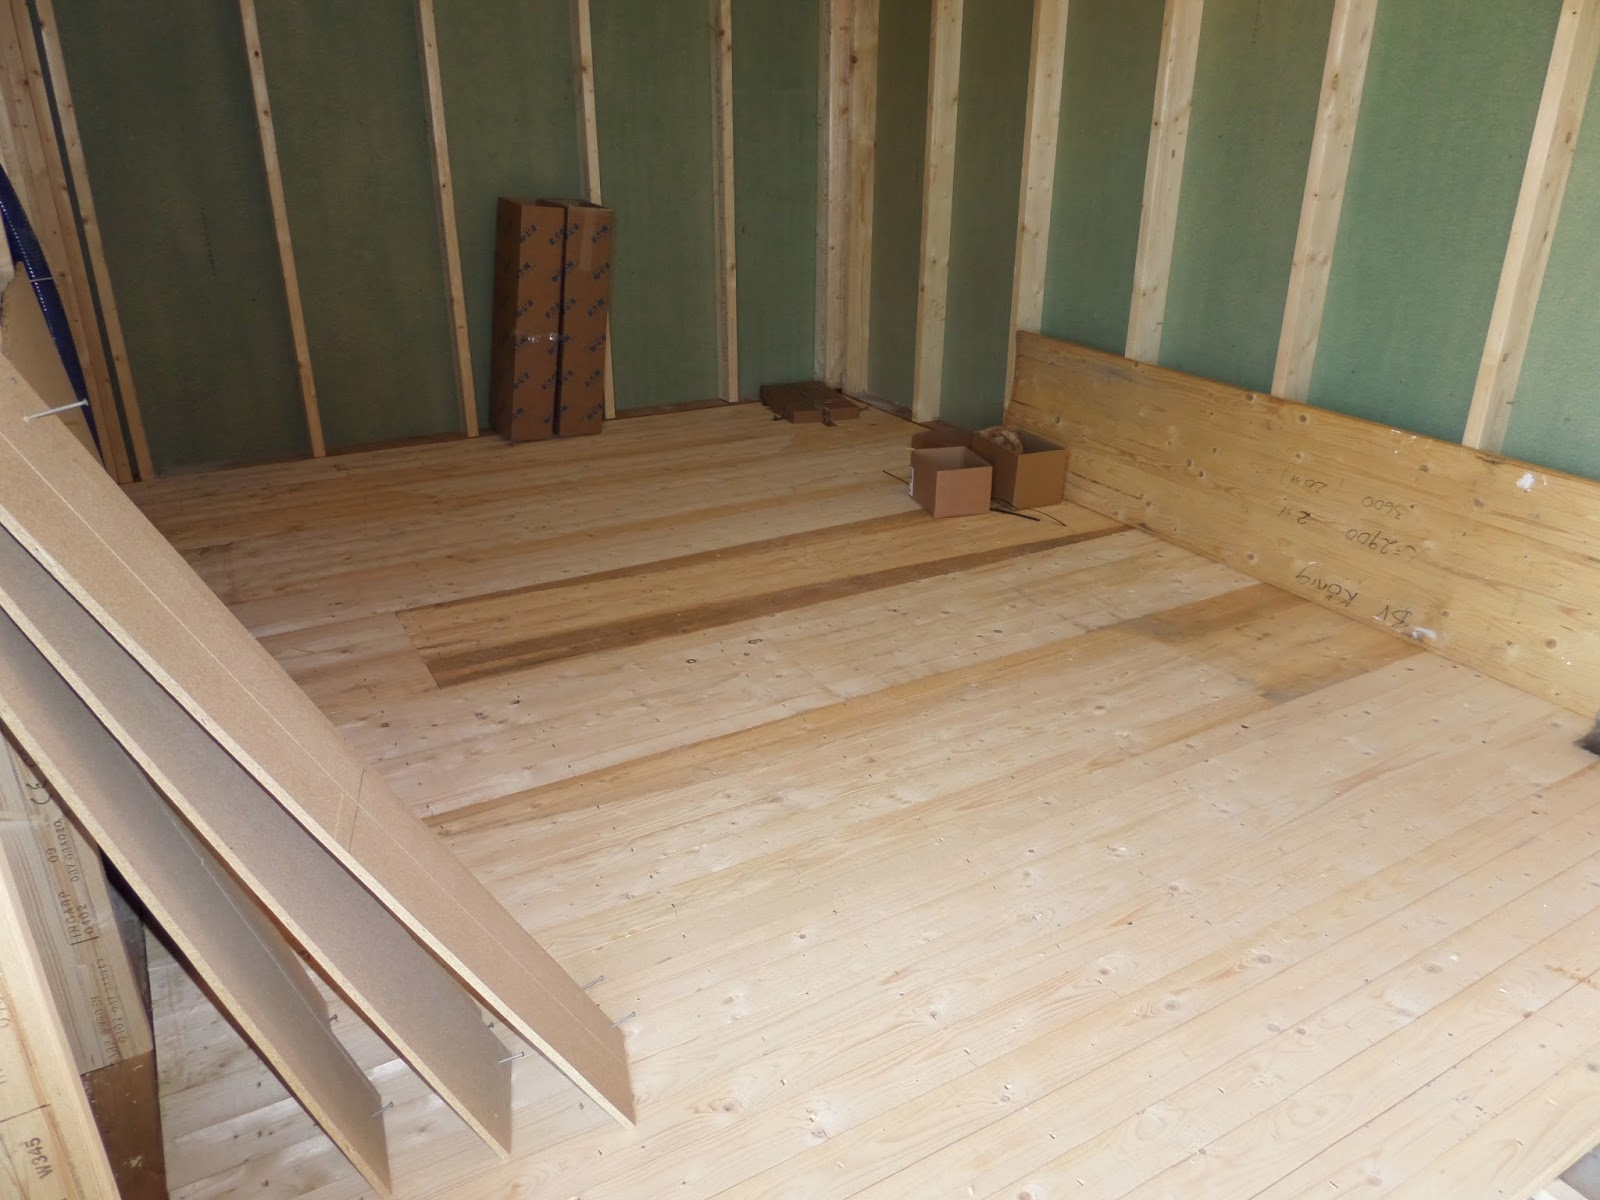 kleine lotta unser schwedenhaus kamin und vieles mehr. Black Bedroom Furniture Sets. Home Design Ideas